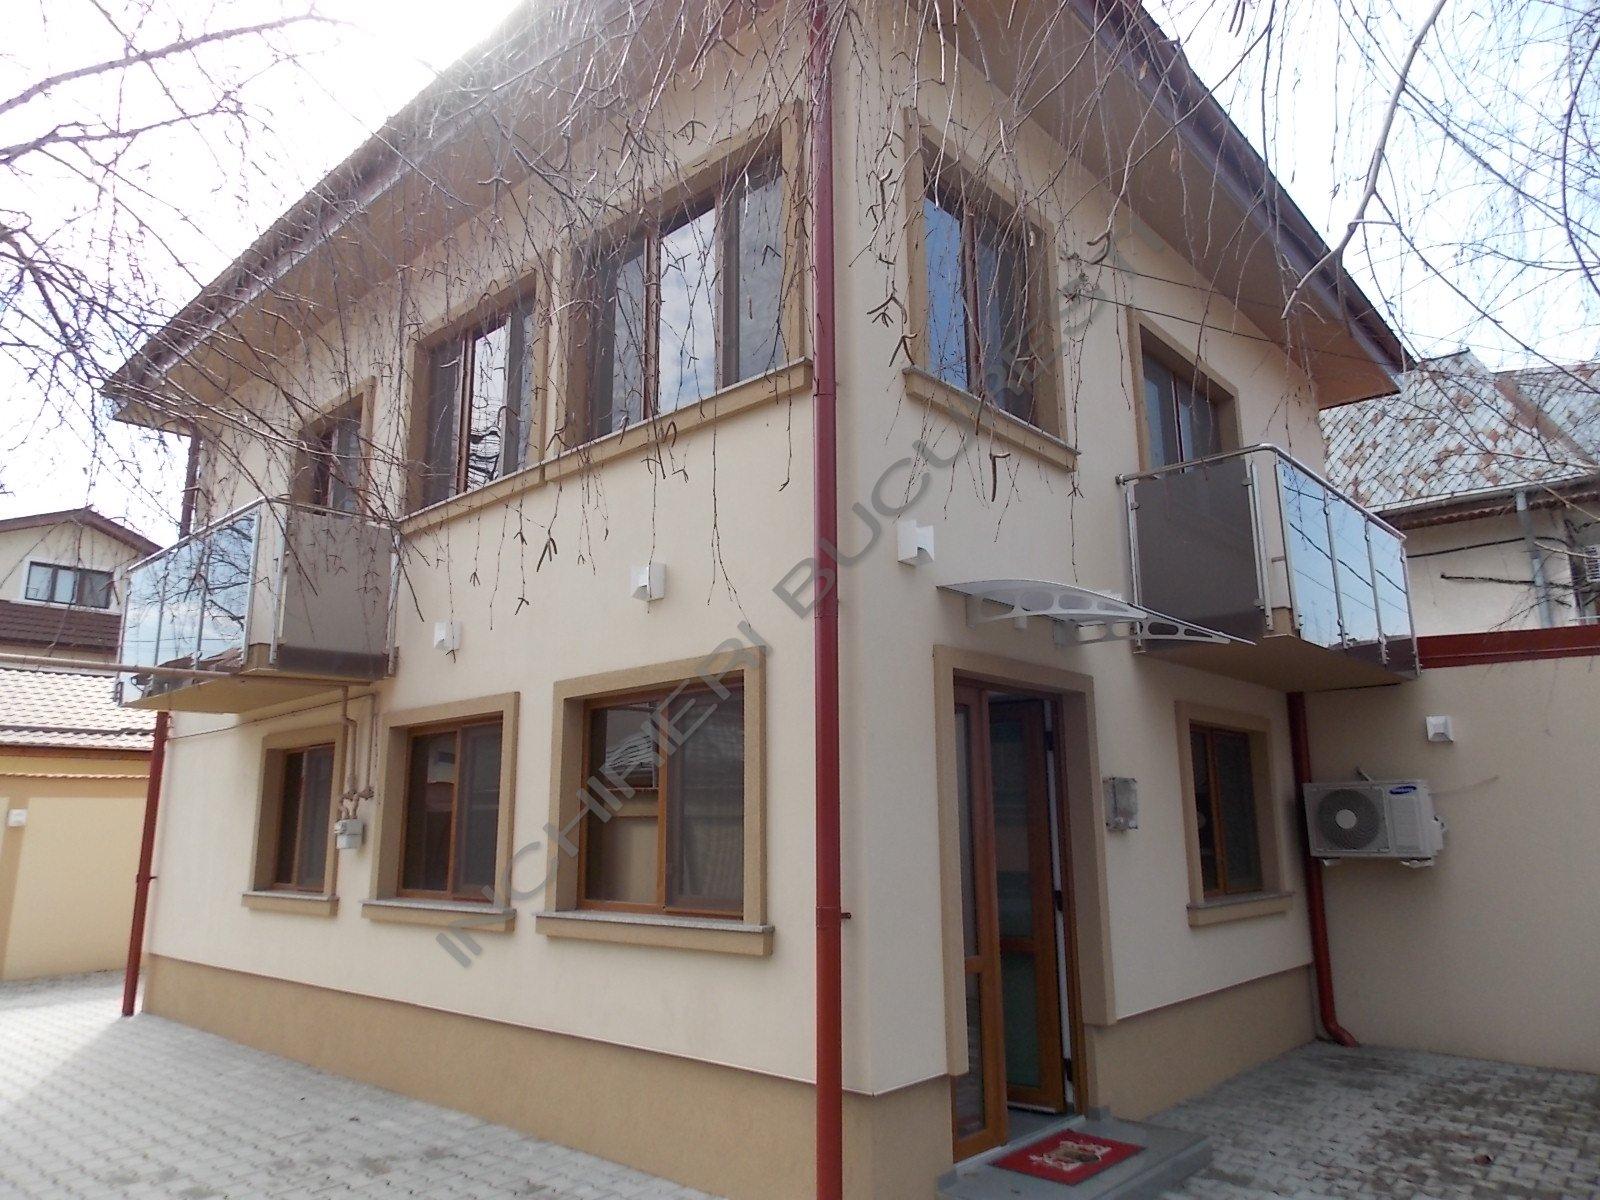 Vila de inchiriat Brancoveanu parc Tineretului